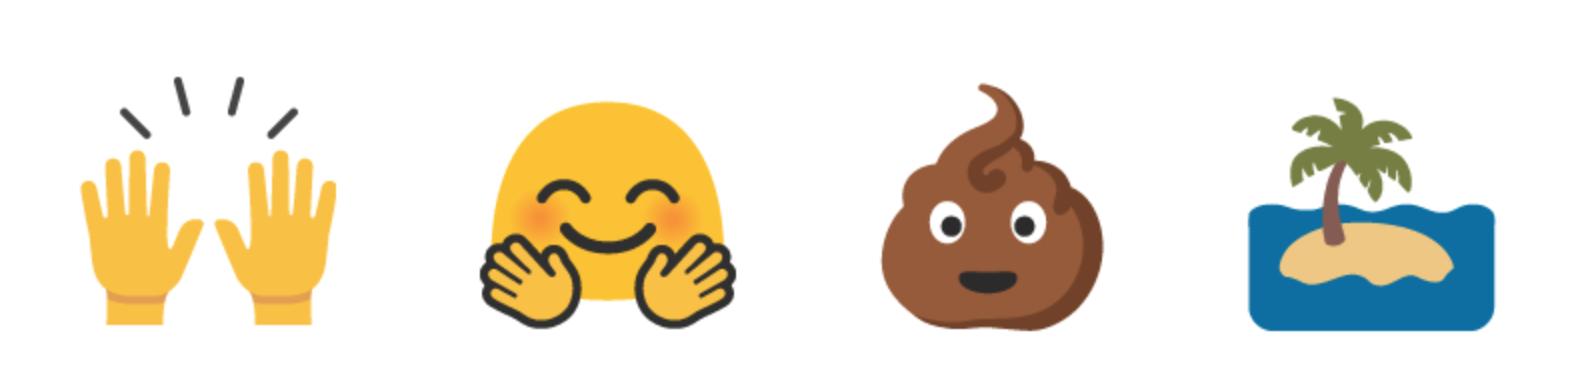 Det er 184 nye emoji-er i 6.0.1